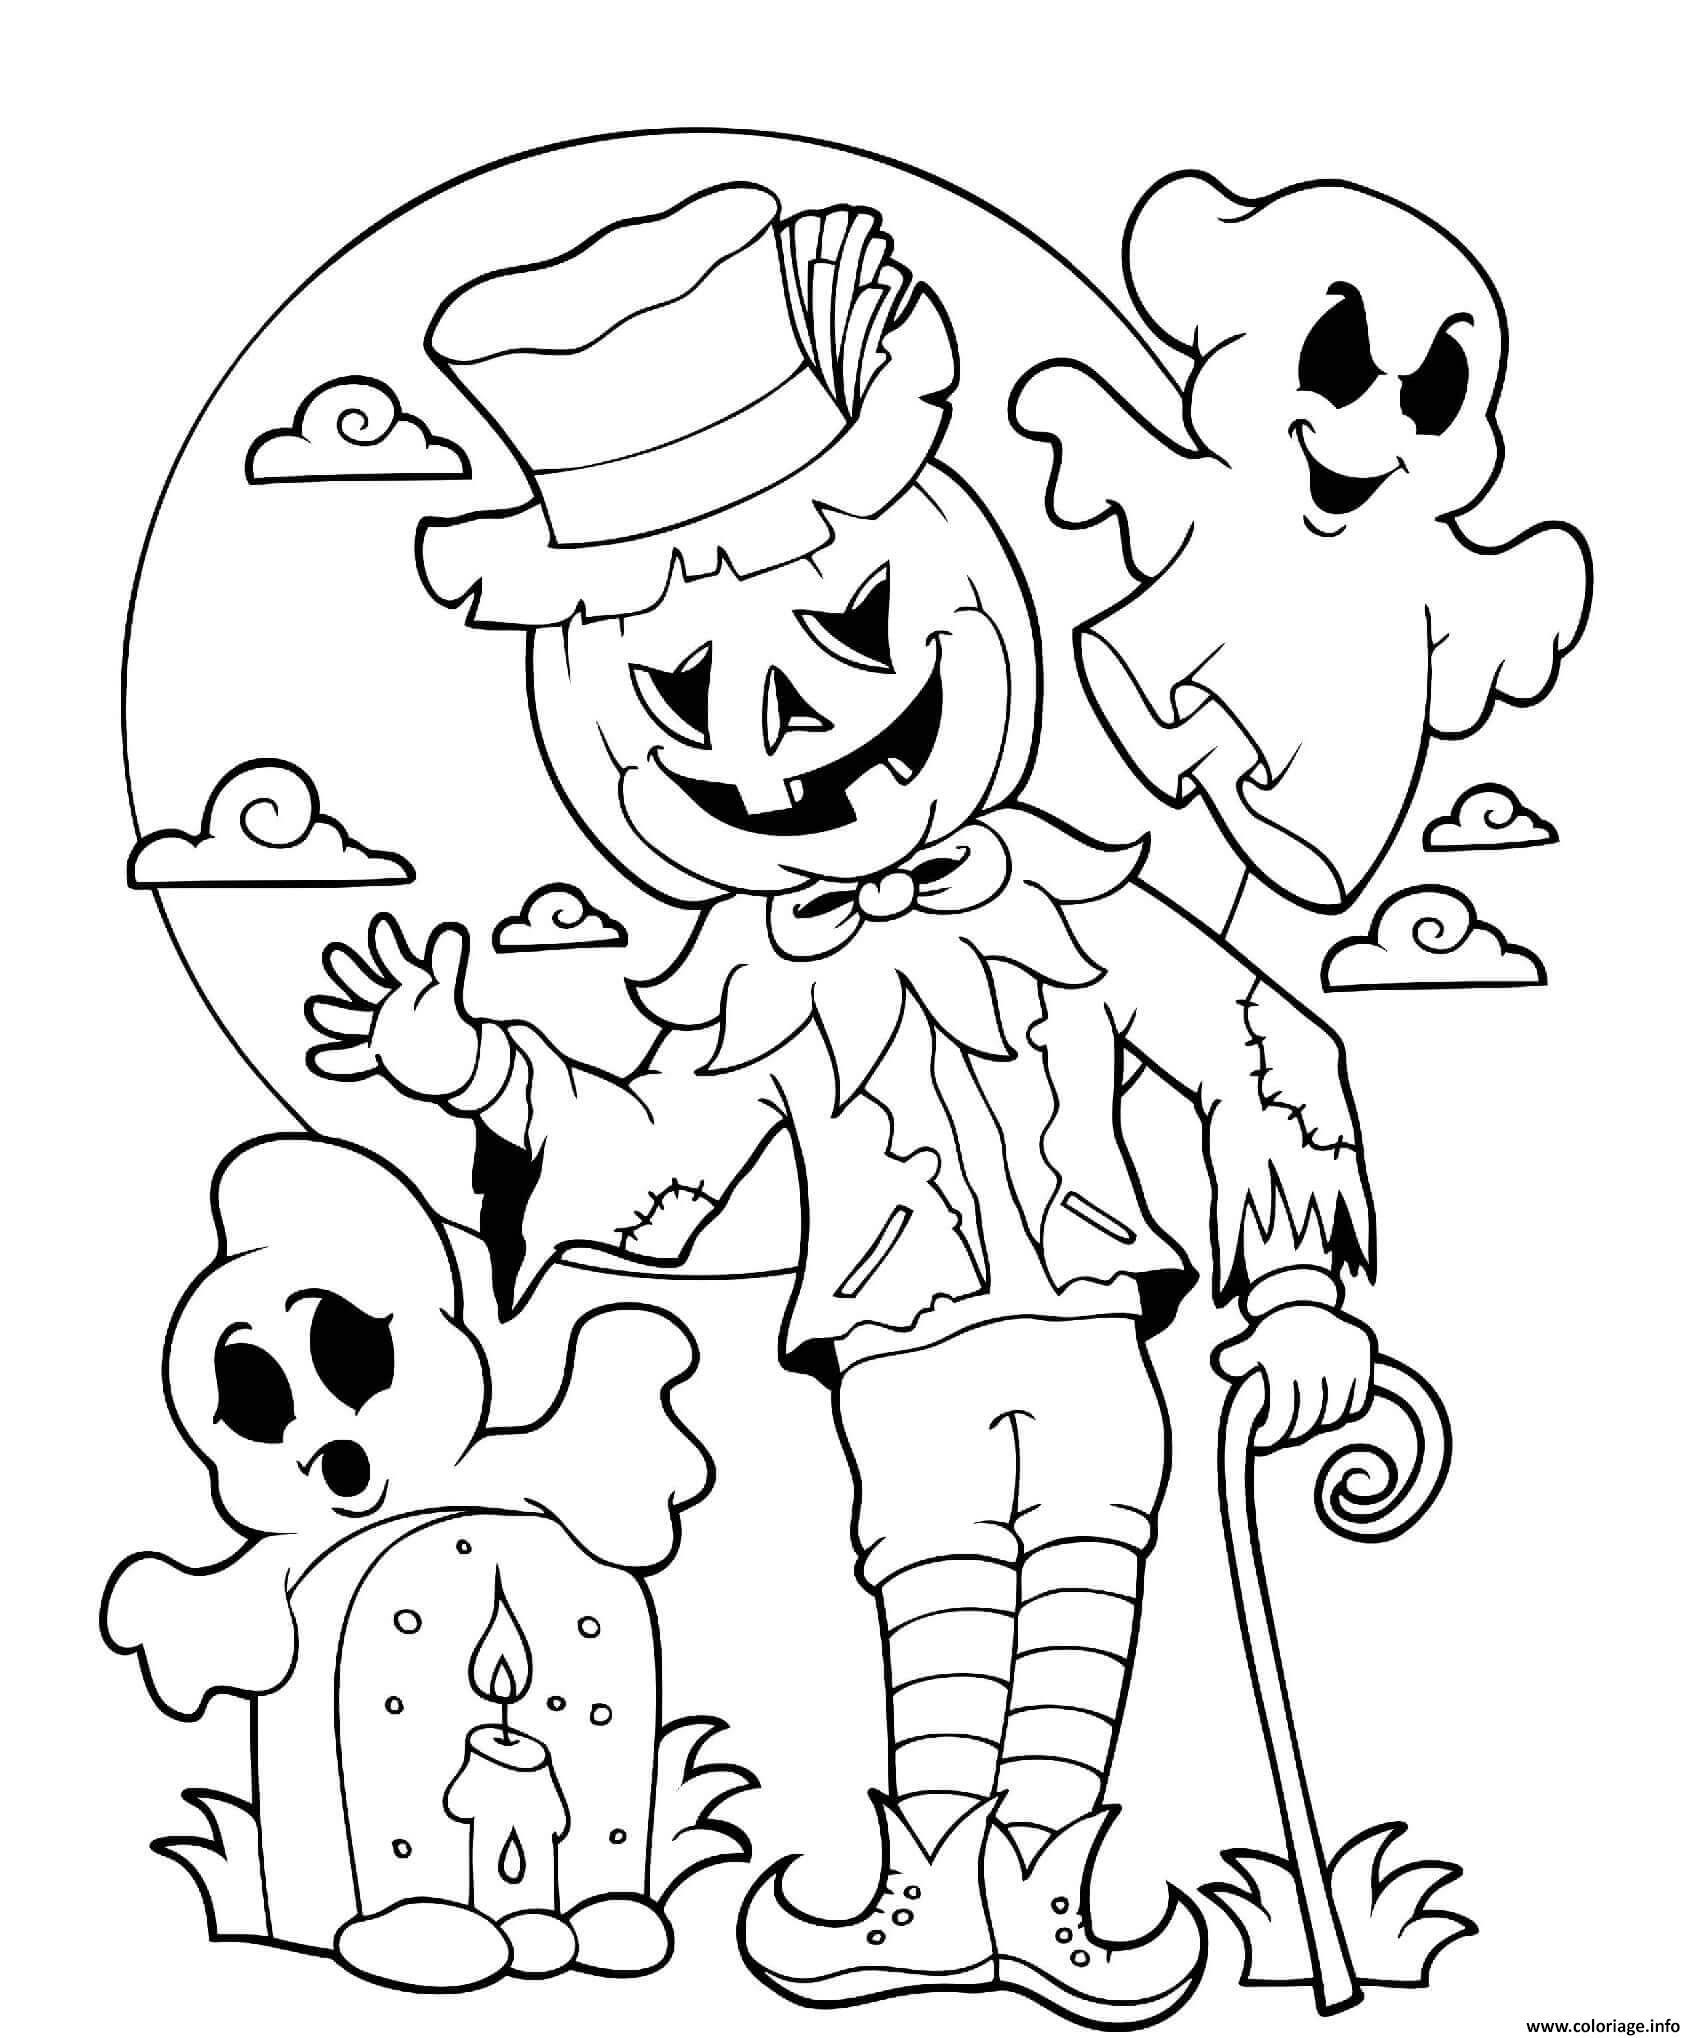 Dessin halloween epouvantail citrouille lune et cimetiere Coloriage Gratuit à Imprimer